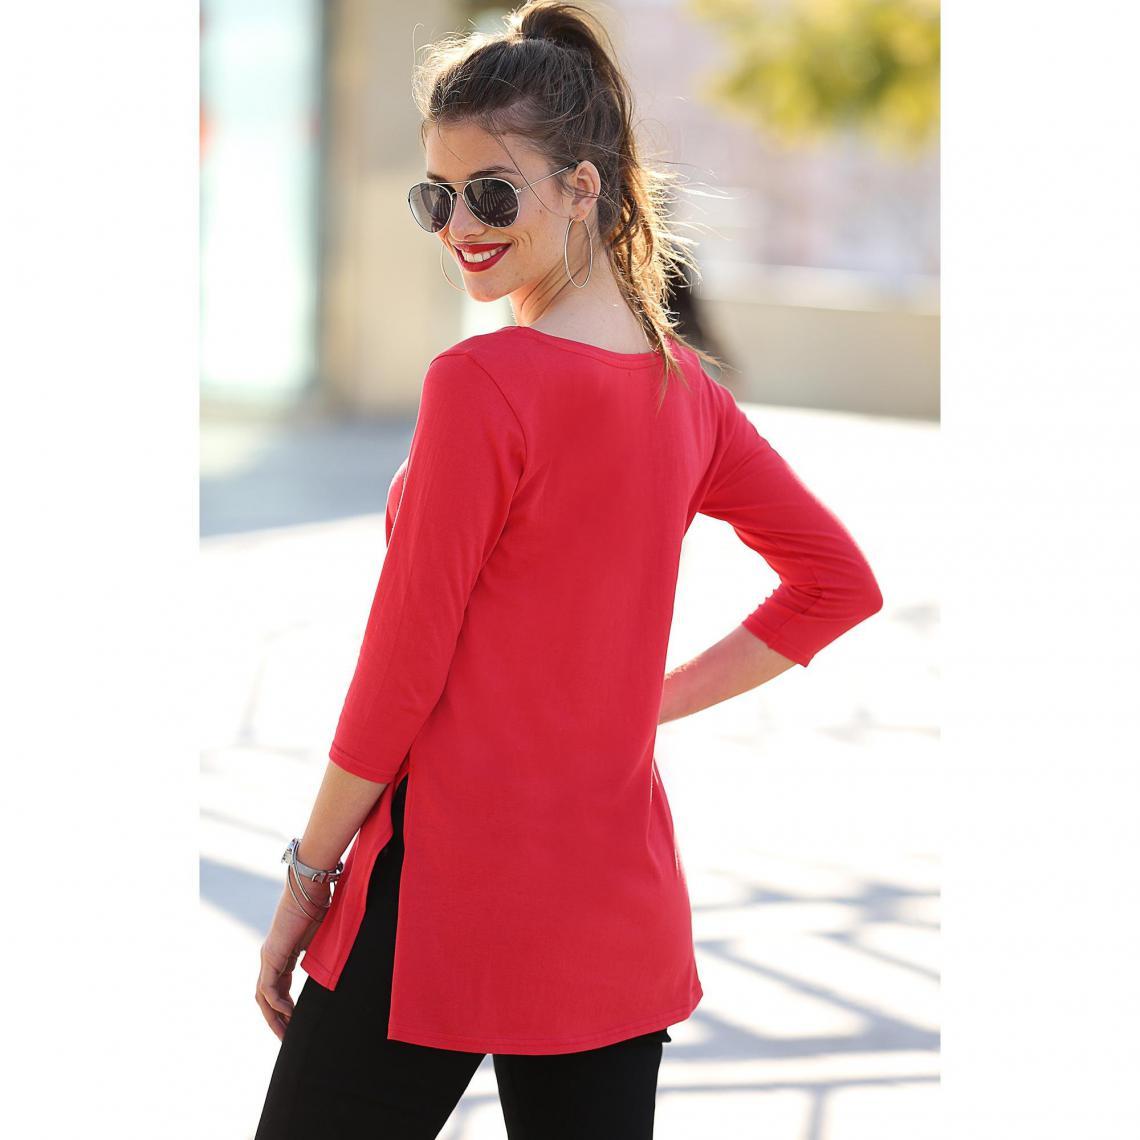 c17a4d9ee7edd Tee-shirt uni fendu manches 3/4 femme - Rouge | 3 SUISSES